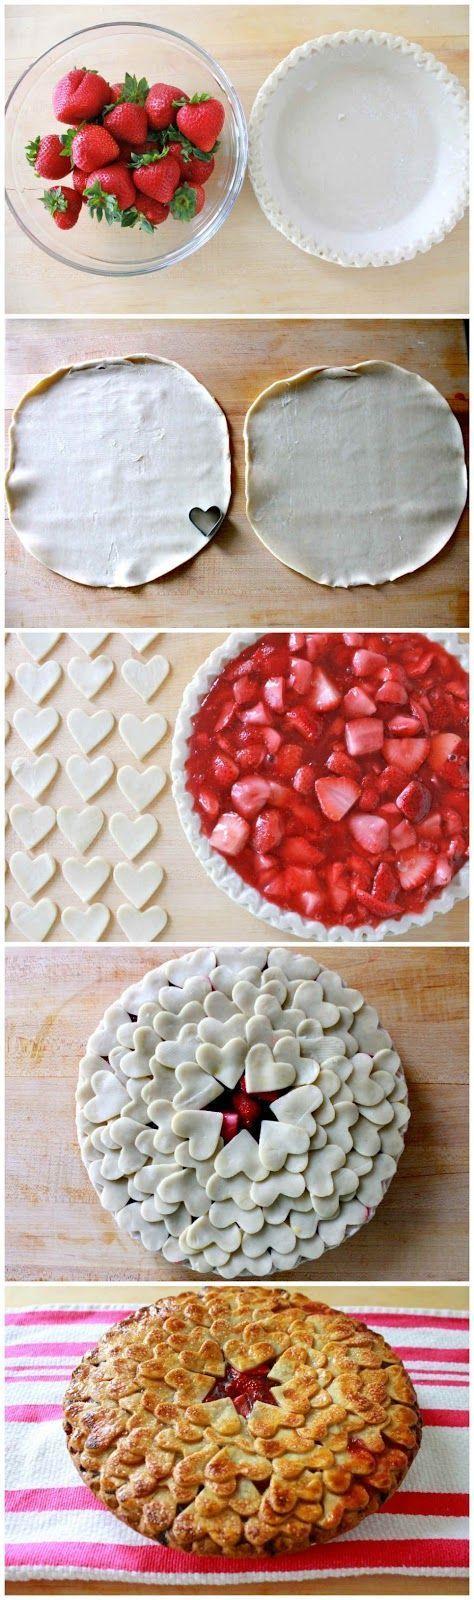 La recette exclusive de la tarte bourrée d'amour. - Confidentielles: